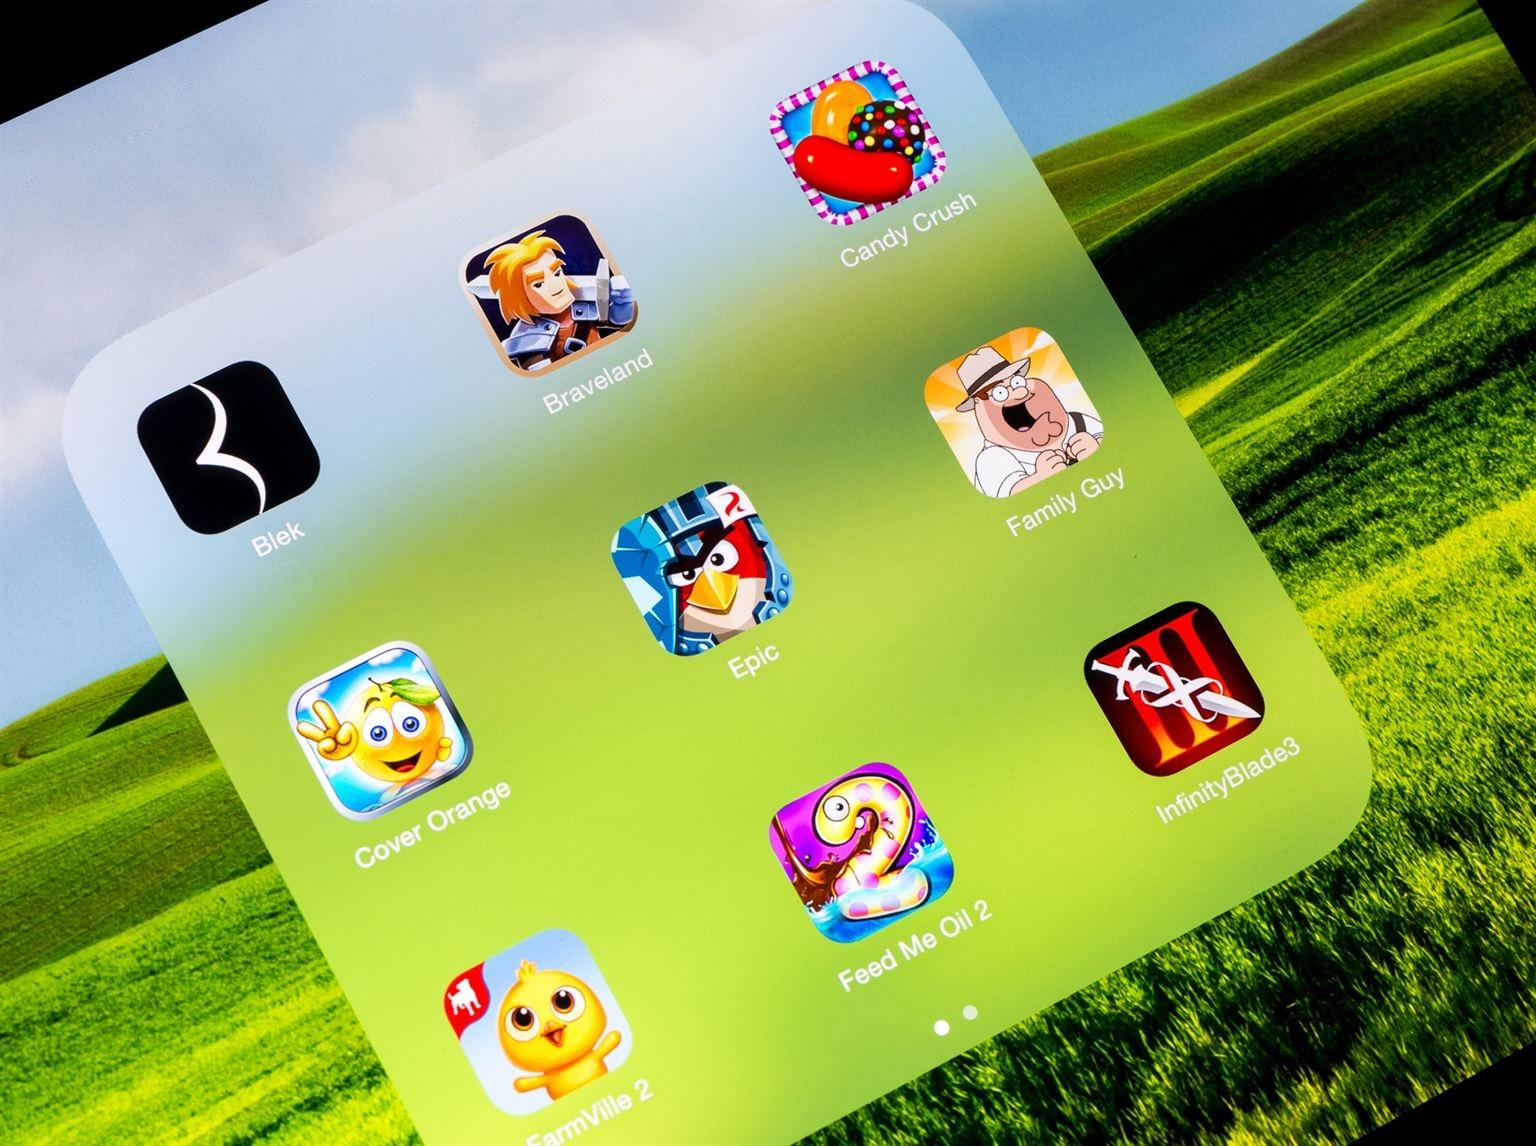 Jeux Sur Tablette: 64 Choix Pour Enfants   Protégez-Vous.ca dedans Jeux De Bébé Animaux Gratuit